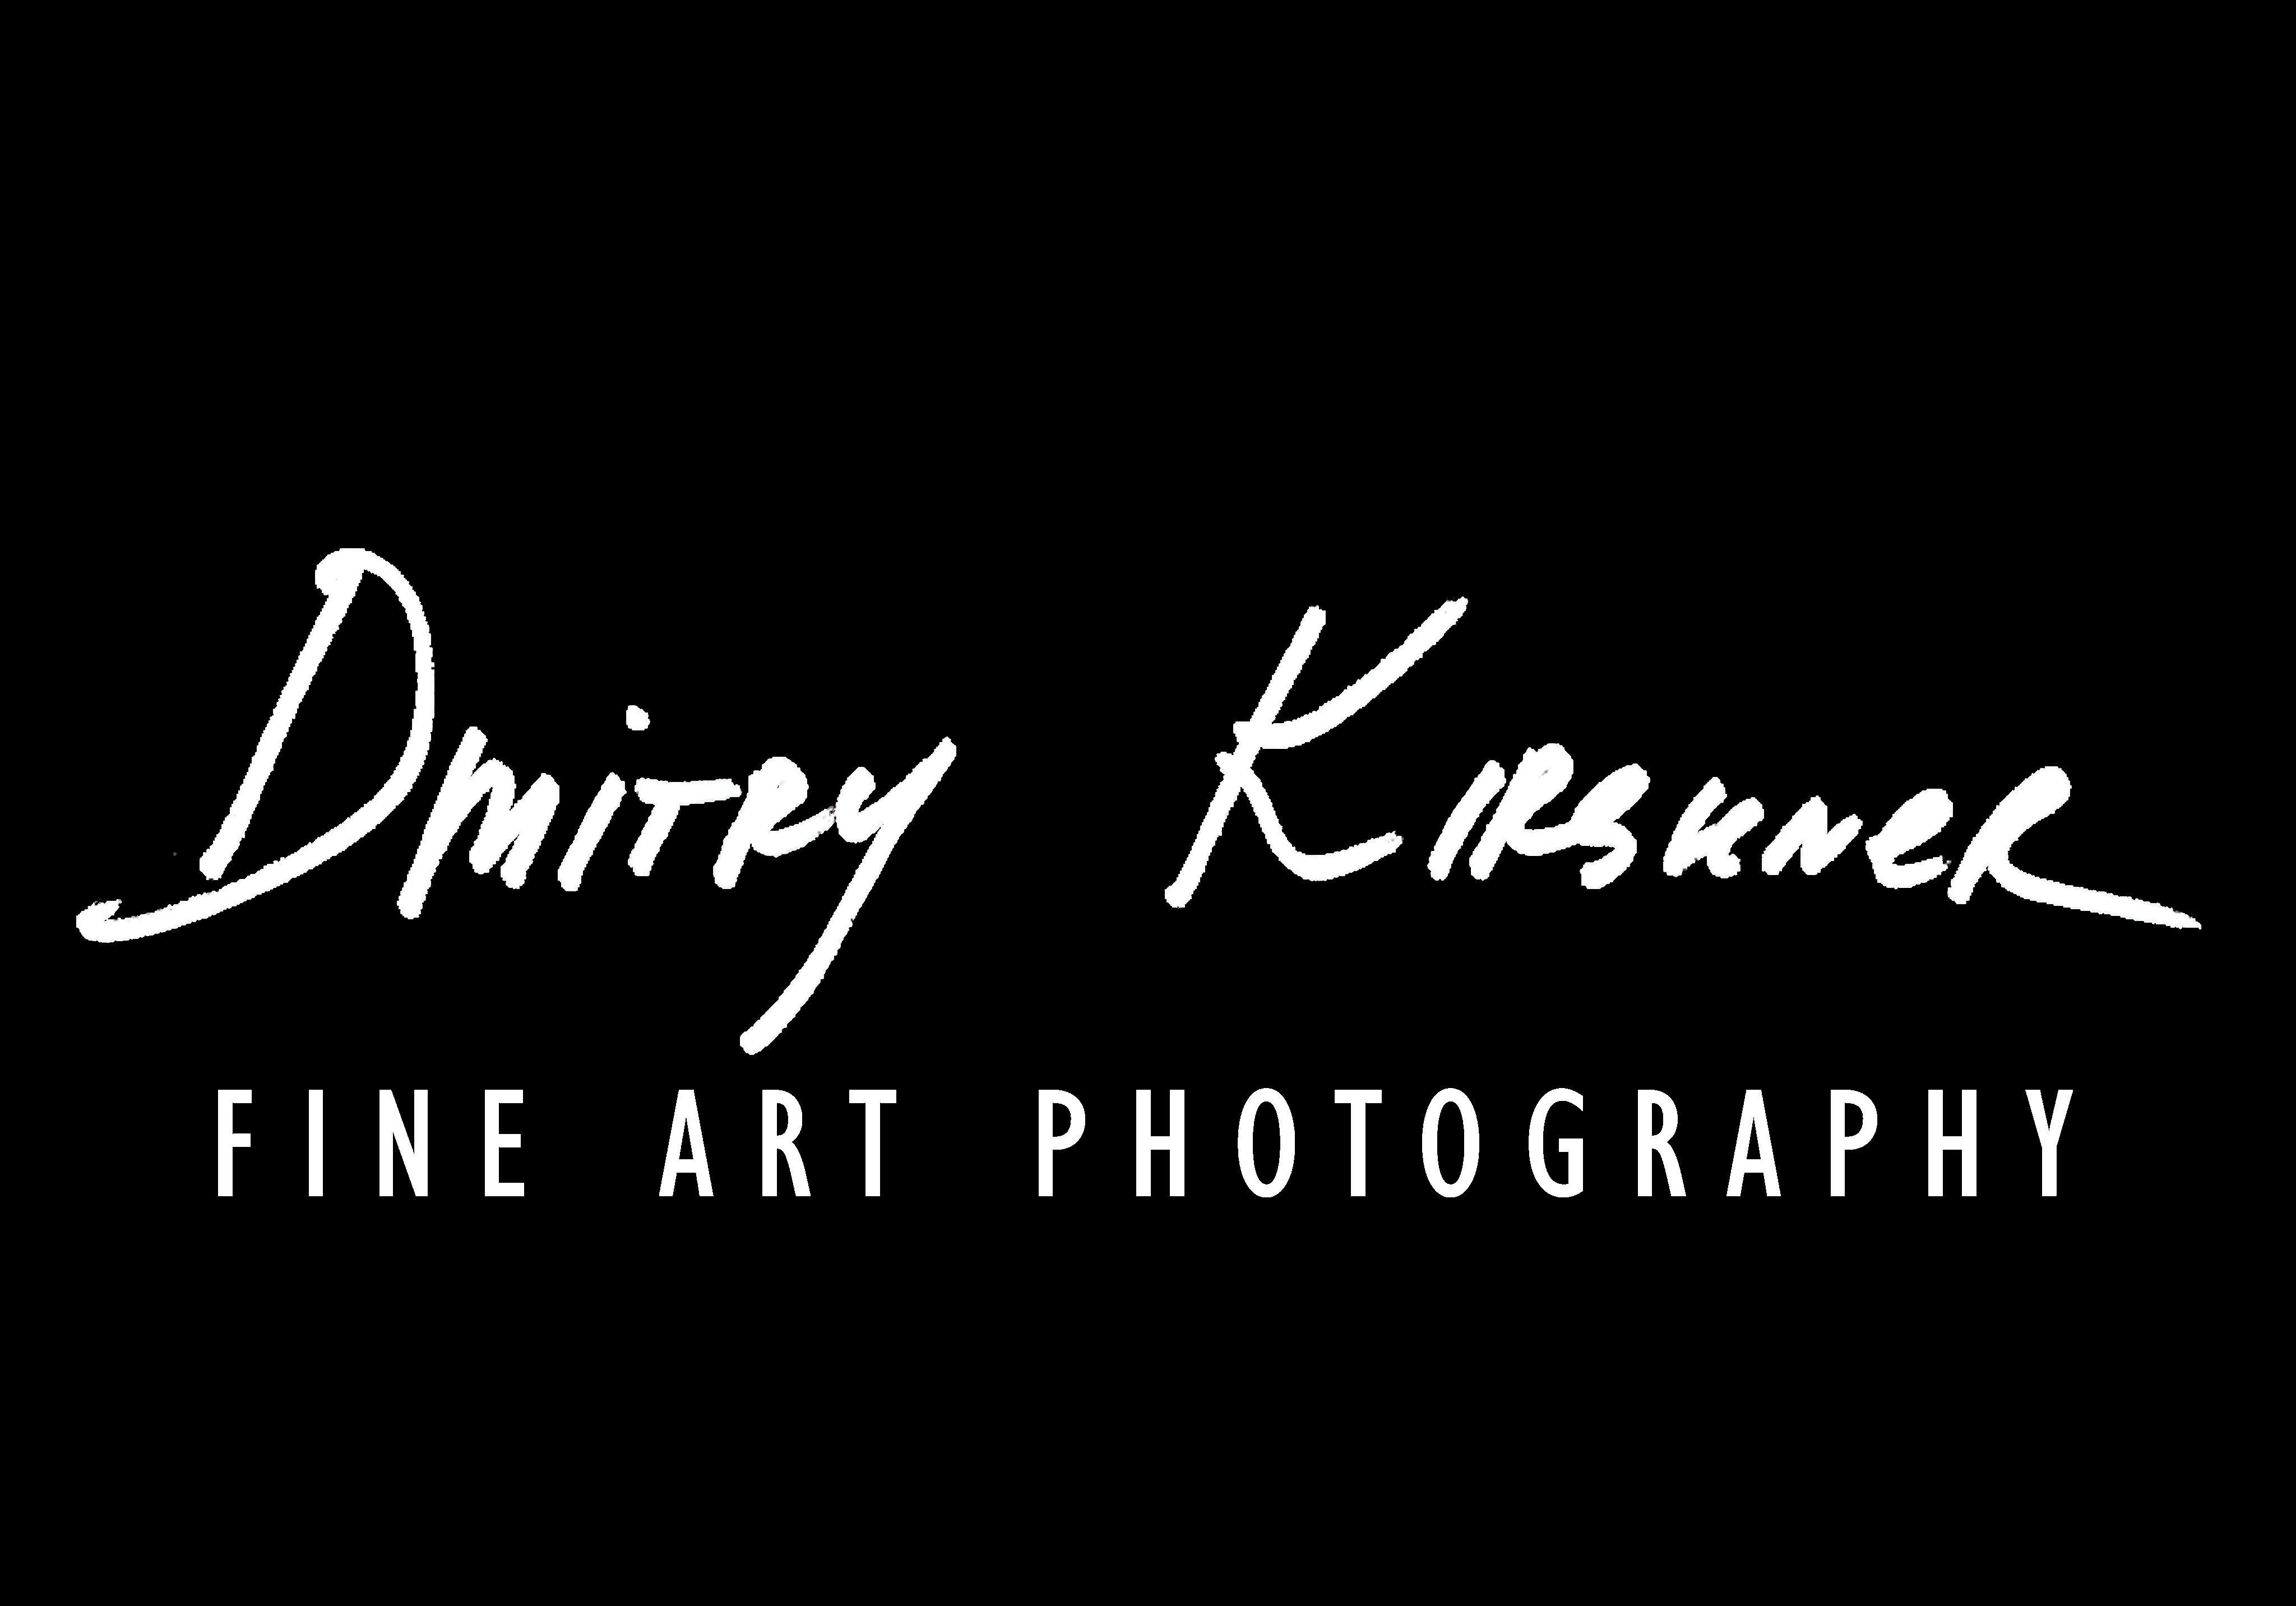 Dmitry Kirshner Fine Art Photography